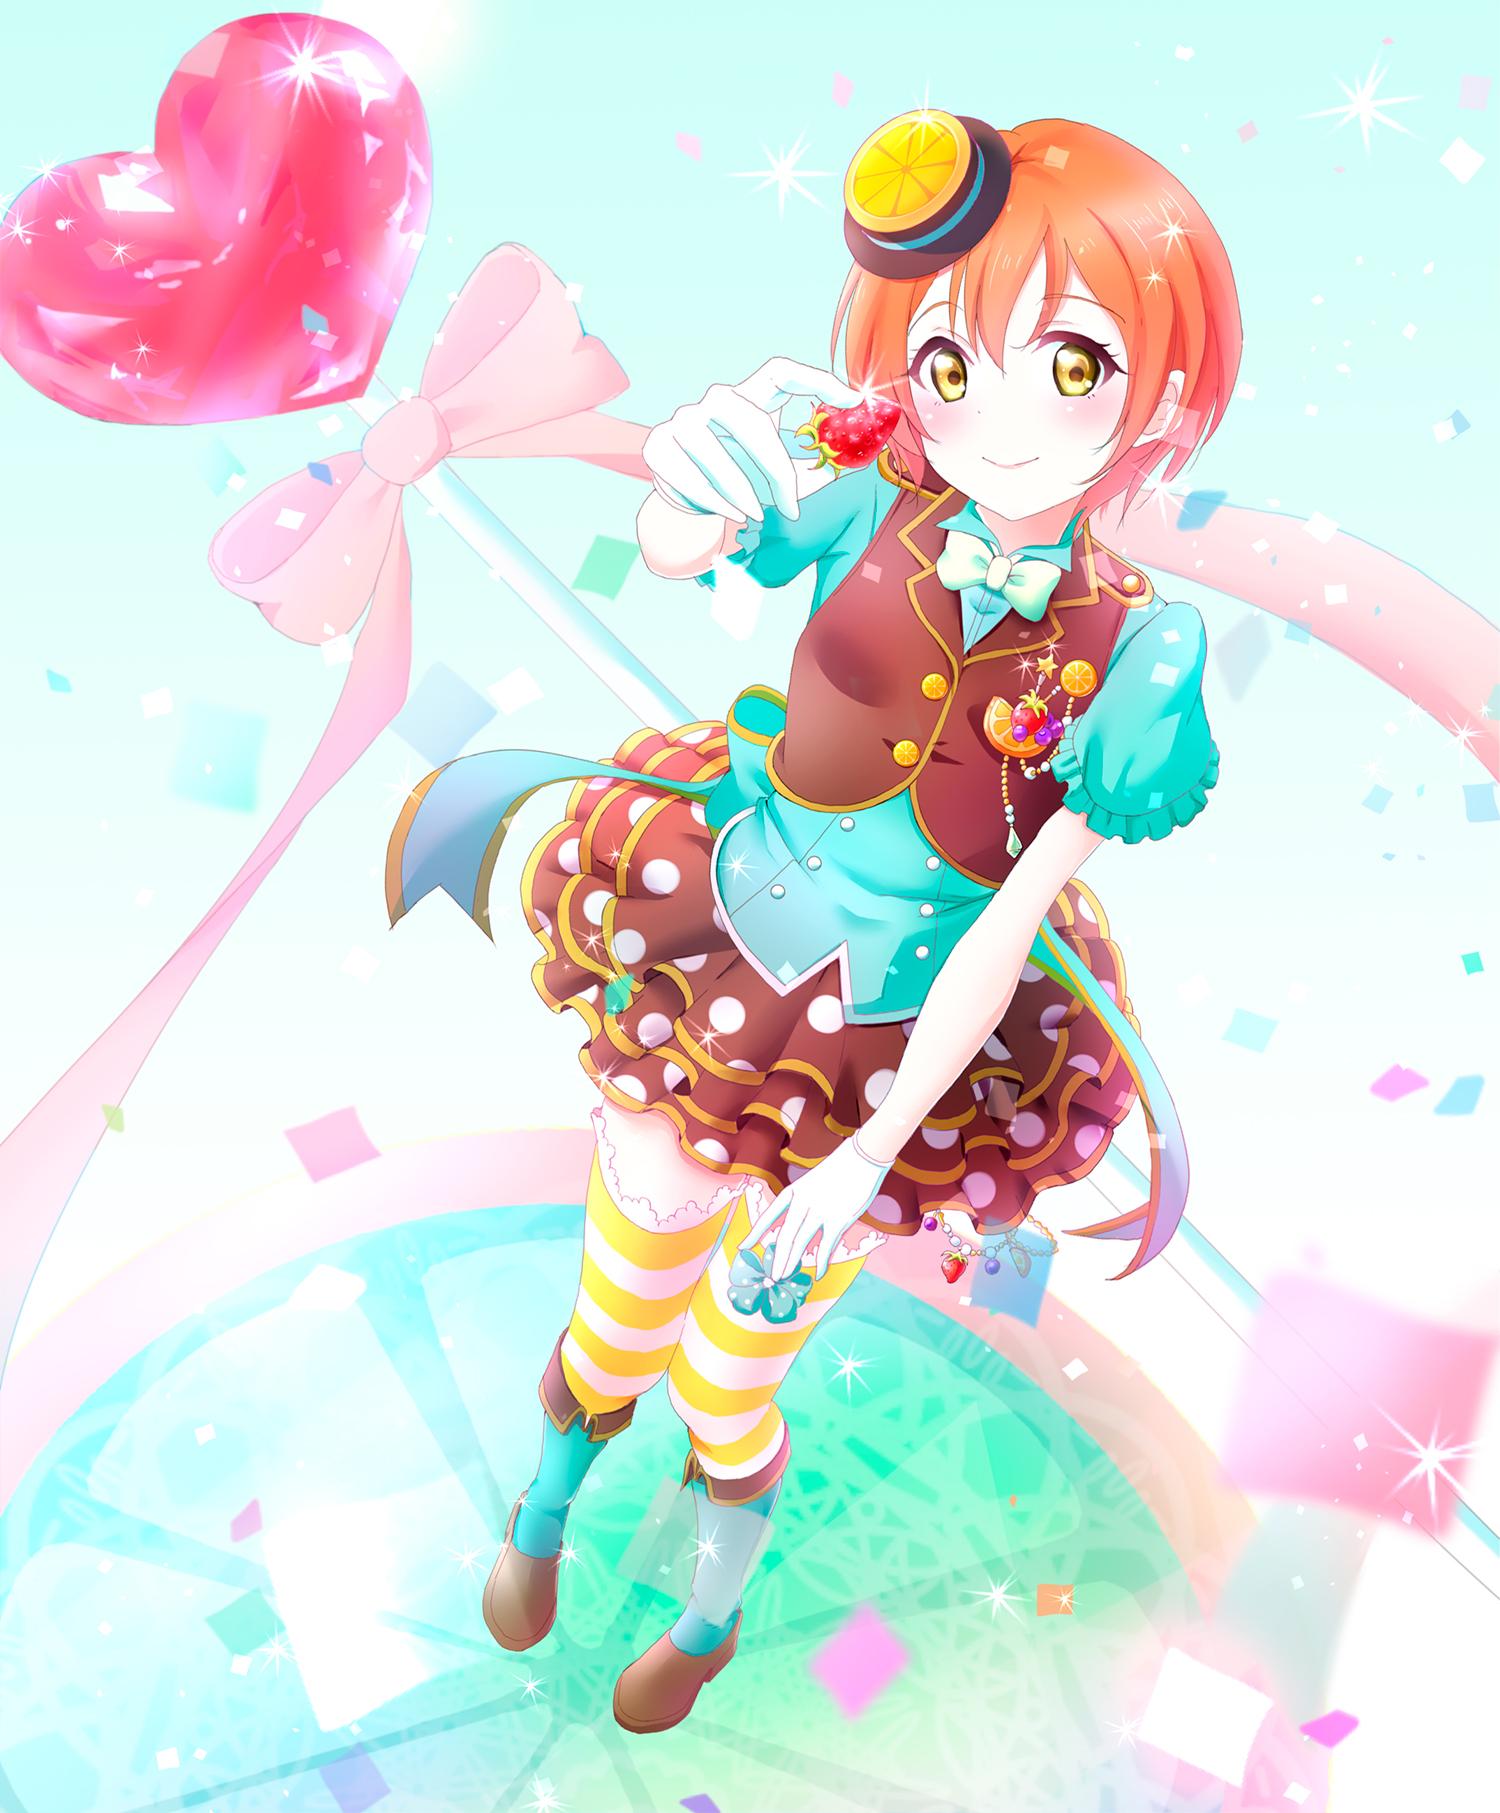 ラブライブ! 星空凛 / LoveLive! Hoshizora Rin #672